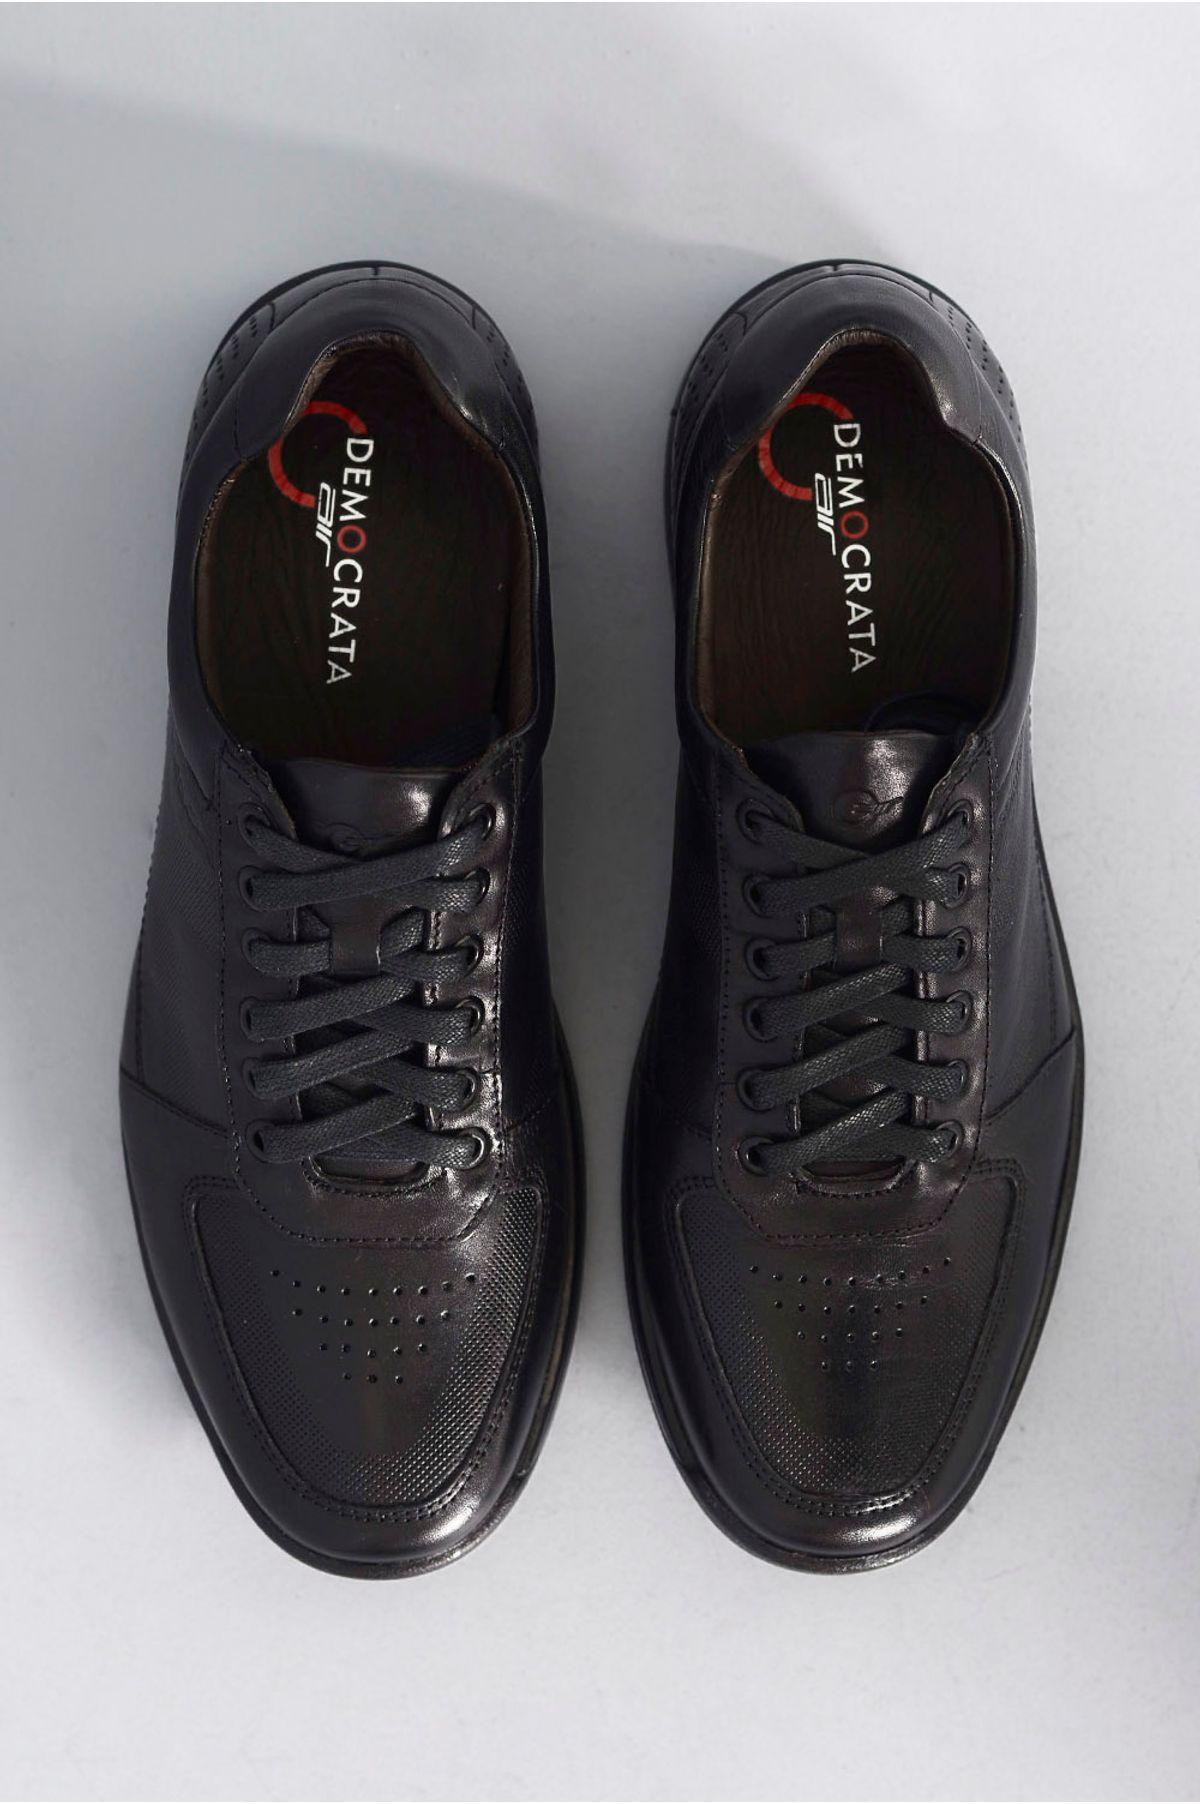 975be3474e Sapato Masculino Social Democrata Air Gel PRETO - Mundial Calçados